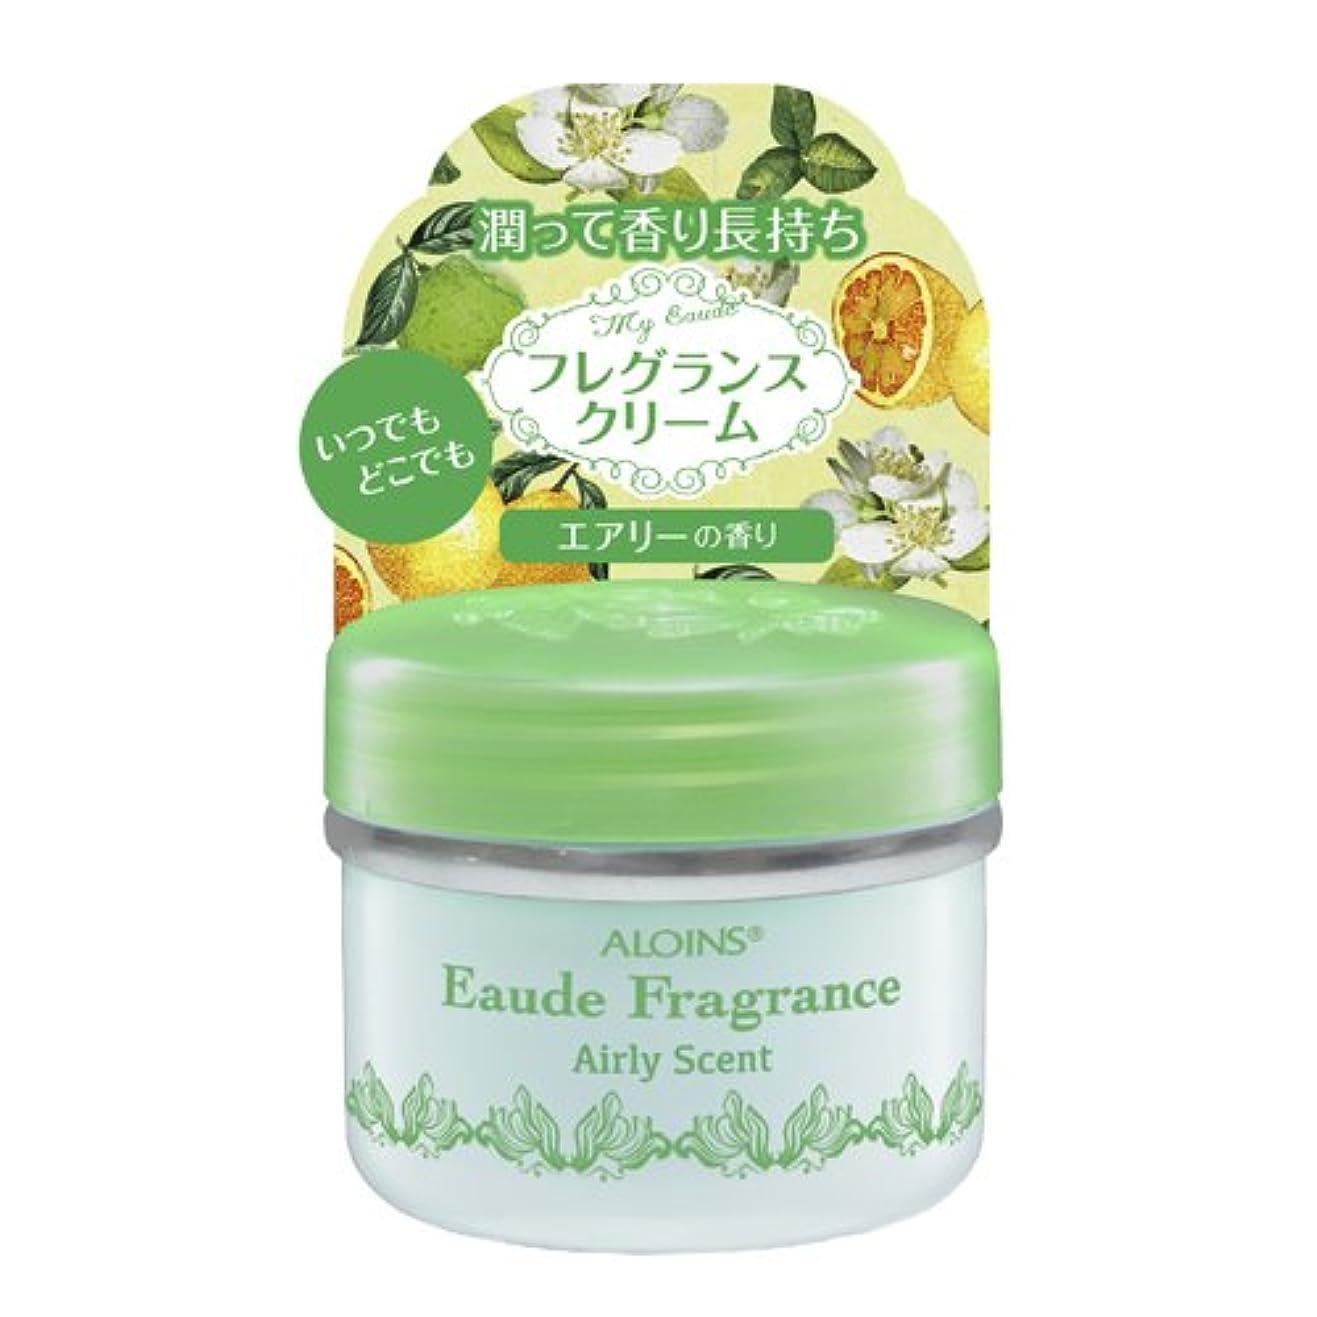 スカリーアコードコートアロインス オーデフレグランス エアリーの香り 35g